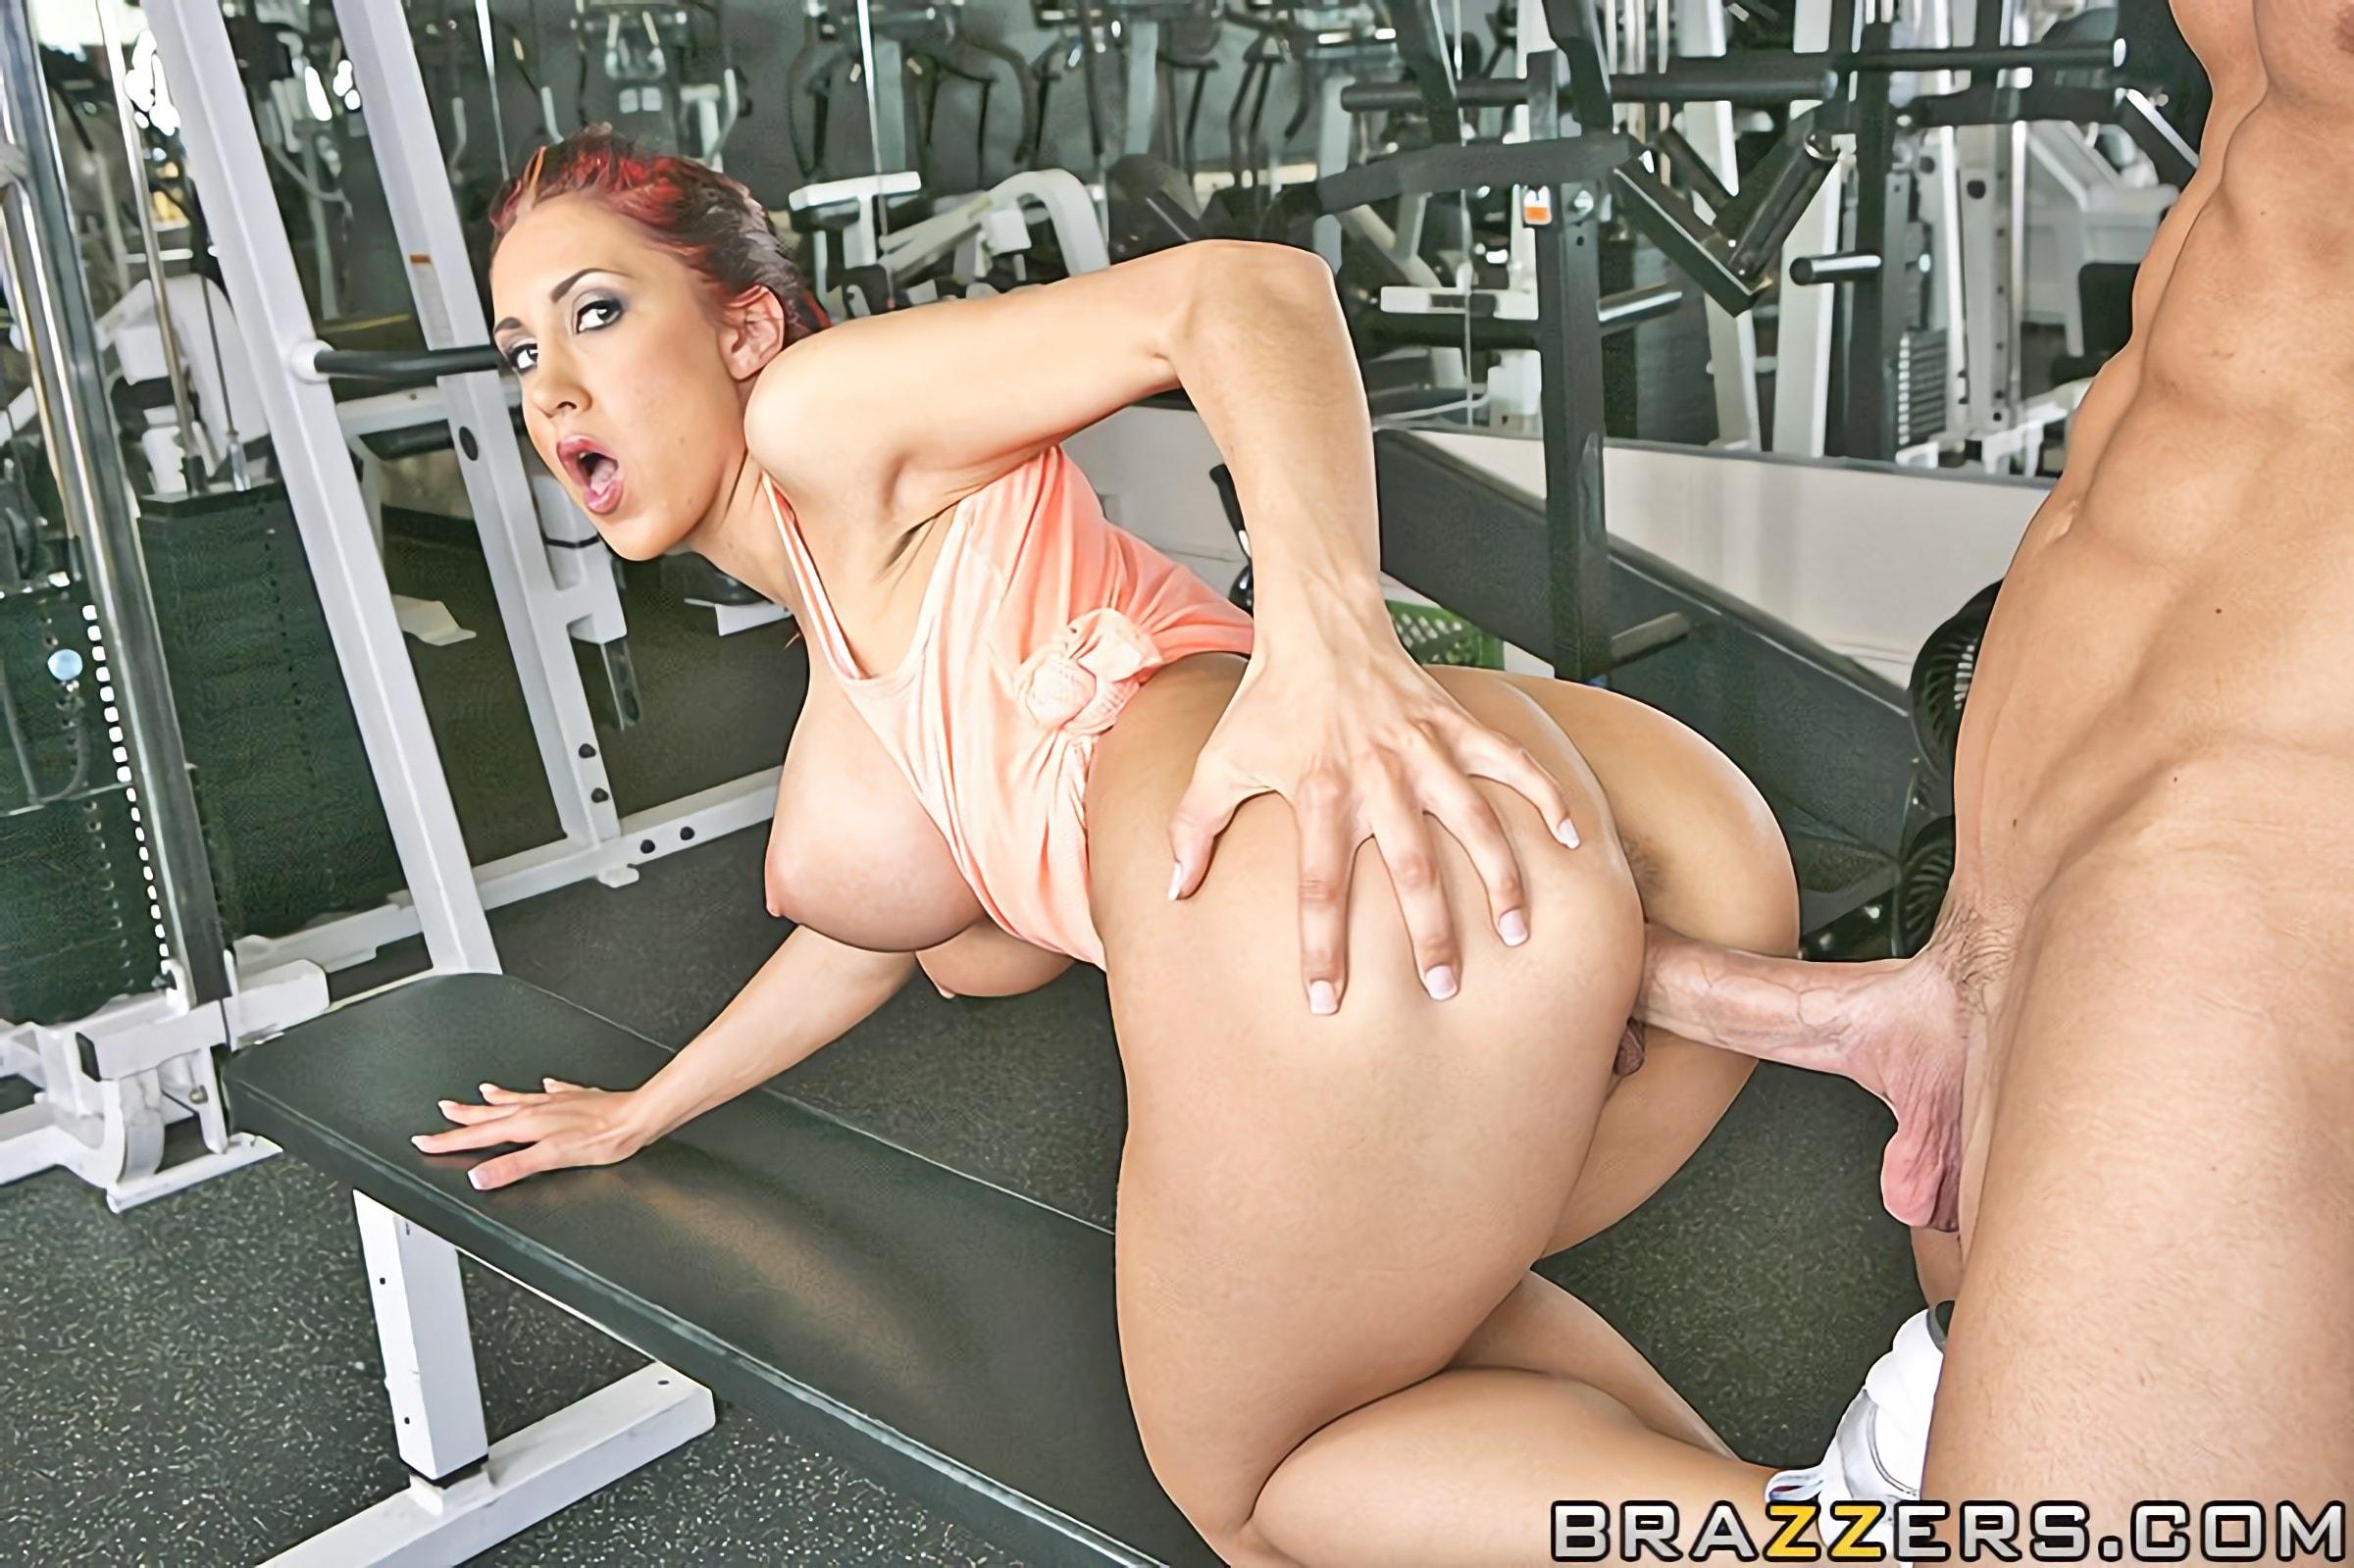 Ебут спортсменку порно фото 26553 фотография